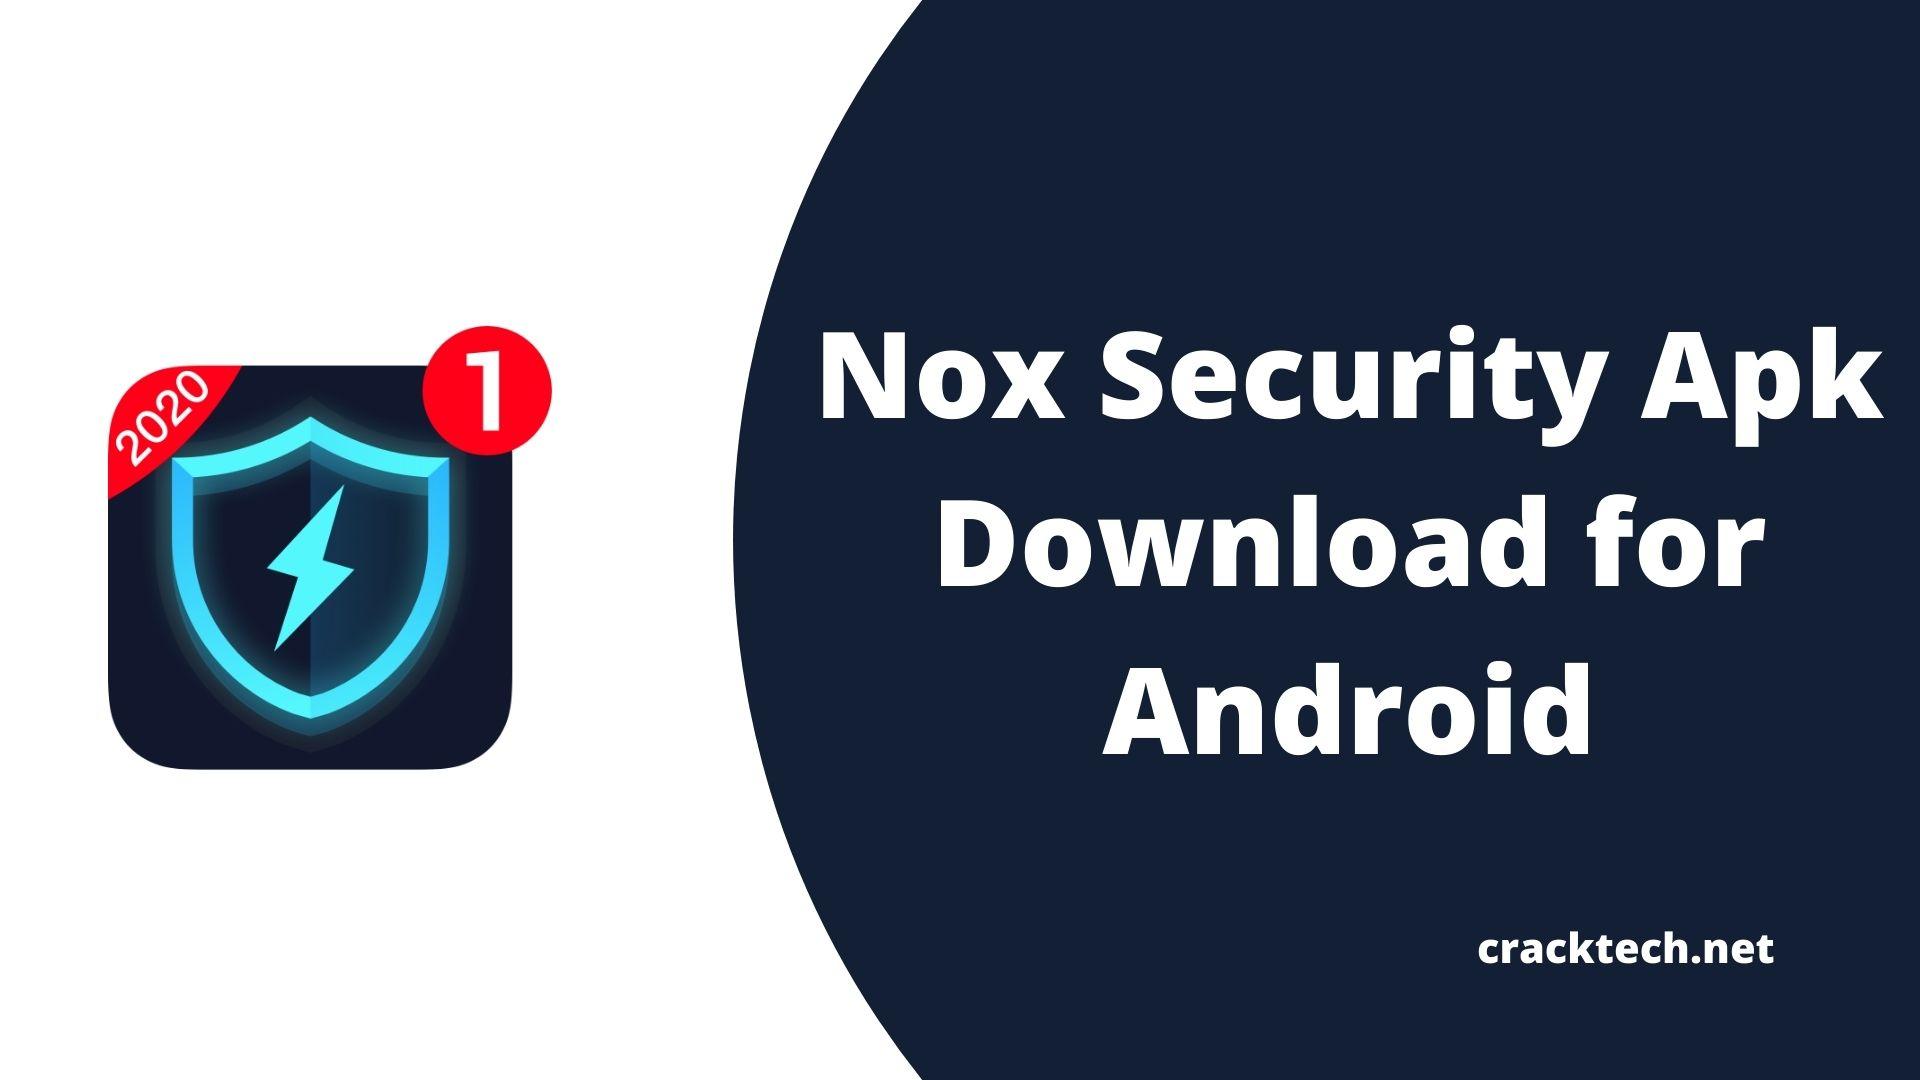 Nox Security Apk